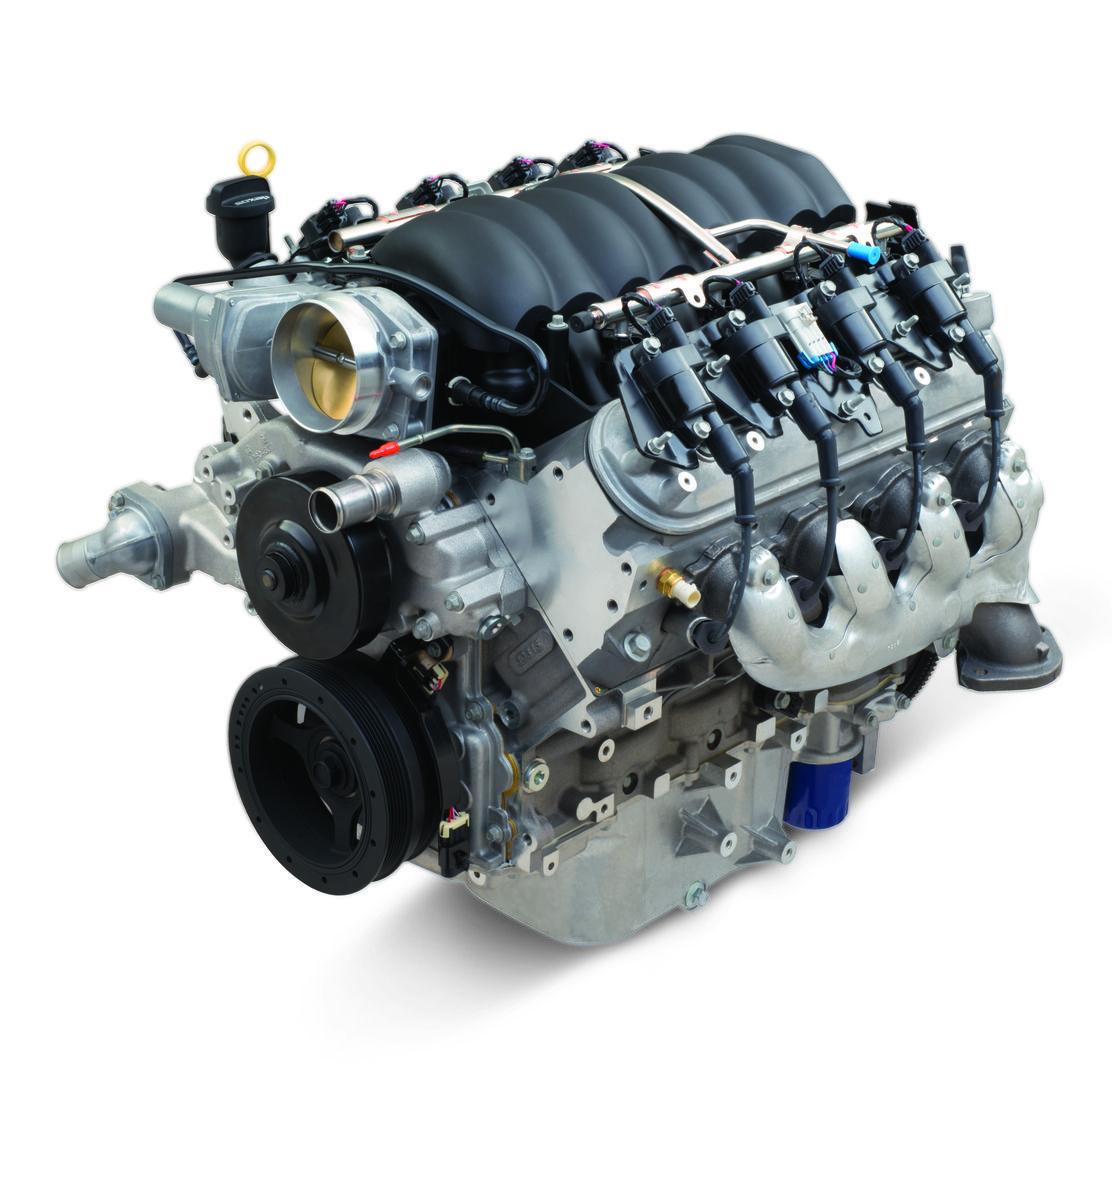 Chevrolet  | LS3 6.2L